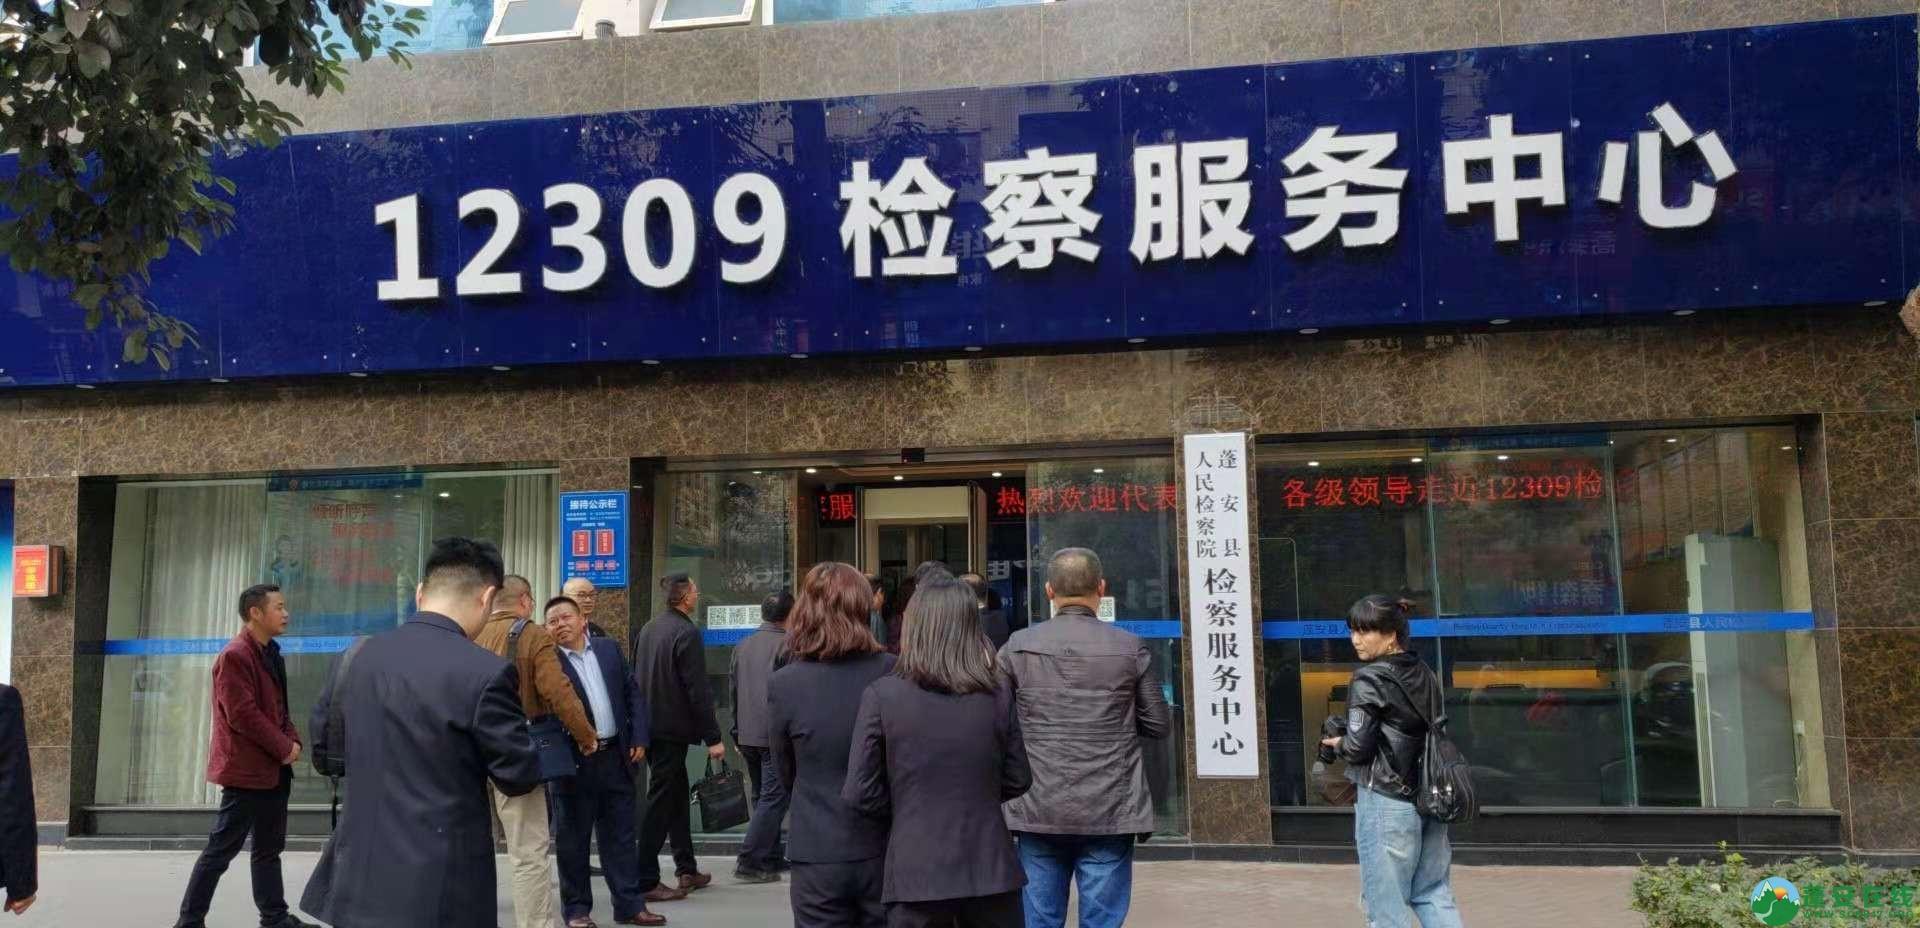 蓬安县人民检察院12309检察服务中心正式宣告挂牌成立 - 第1张  | 蓬安在线